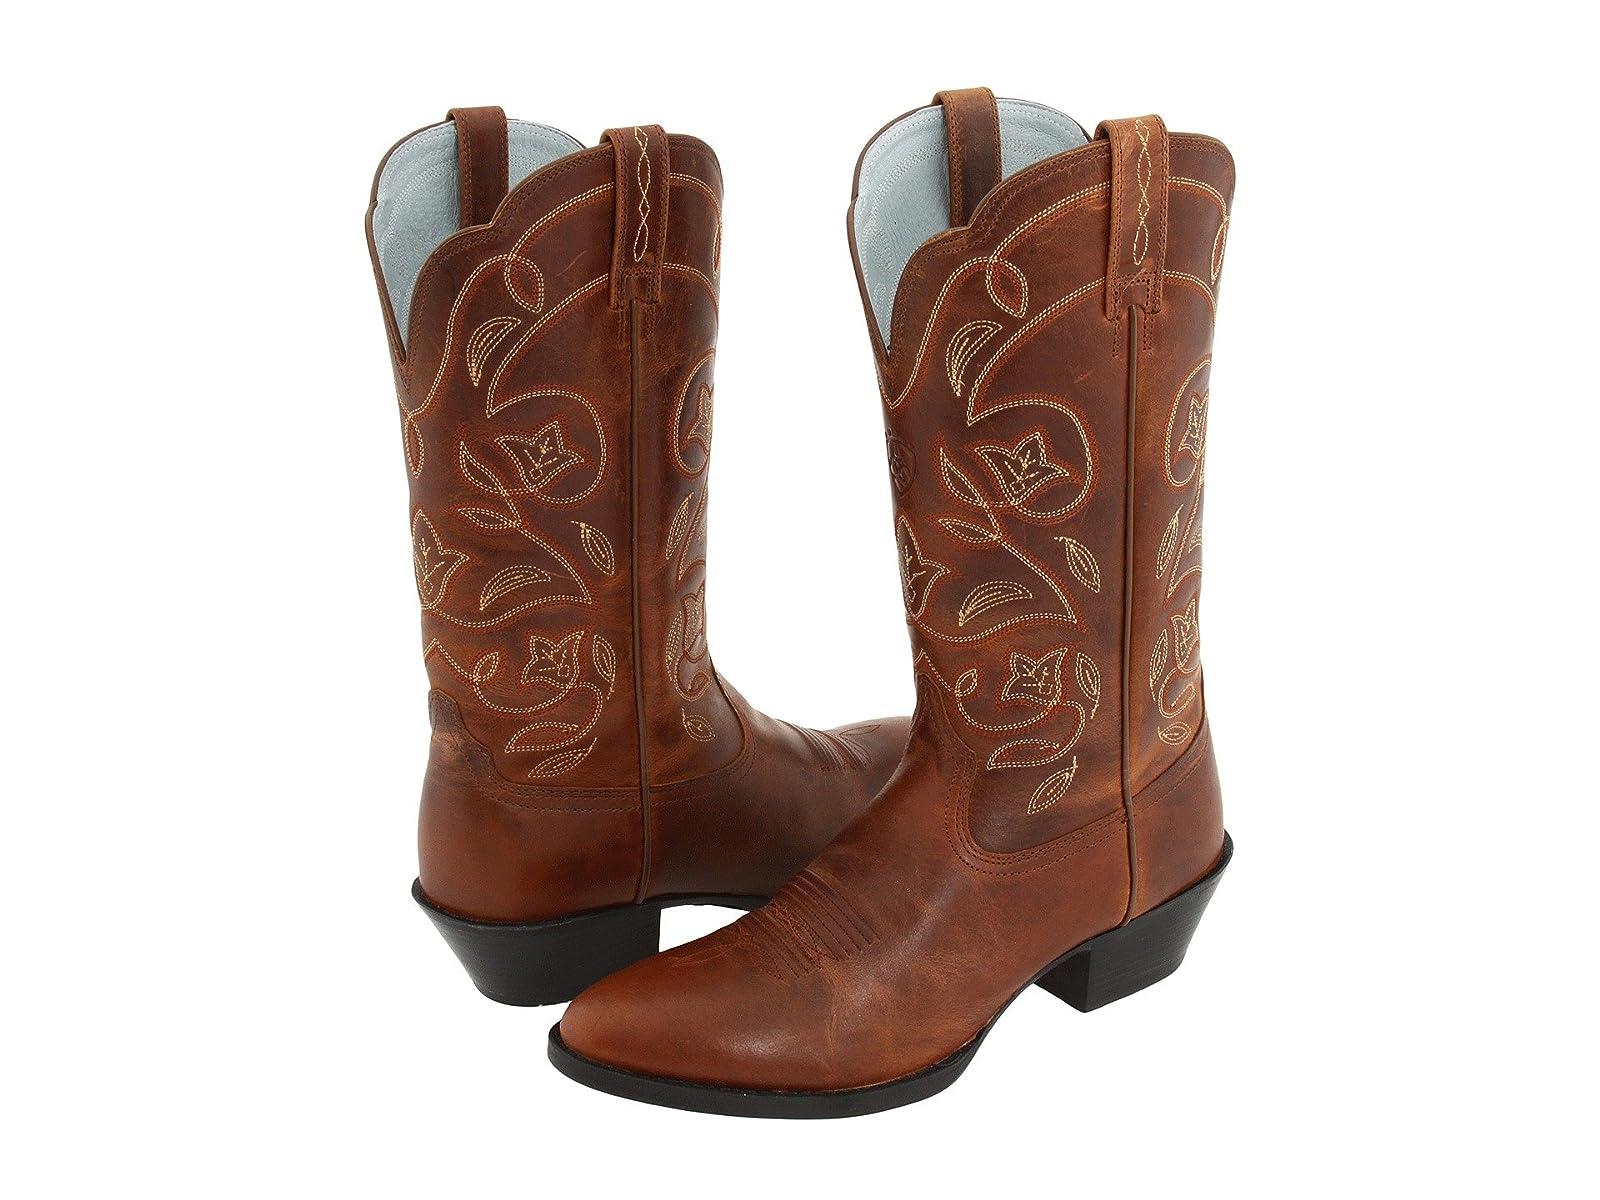 Man's/Woman's:Ariat Western Western Western Heritage: Wear resistant abaef4